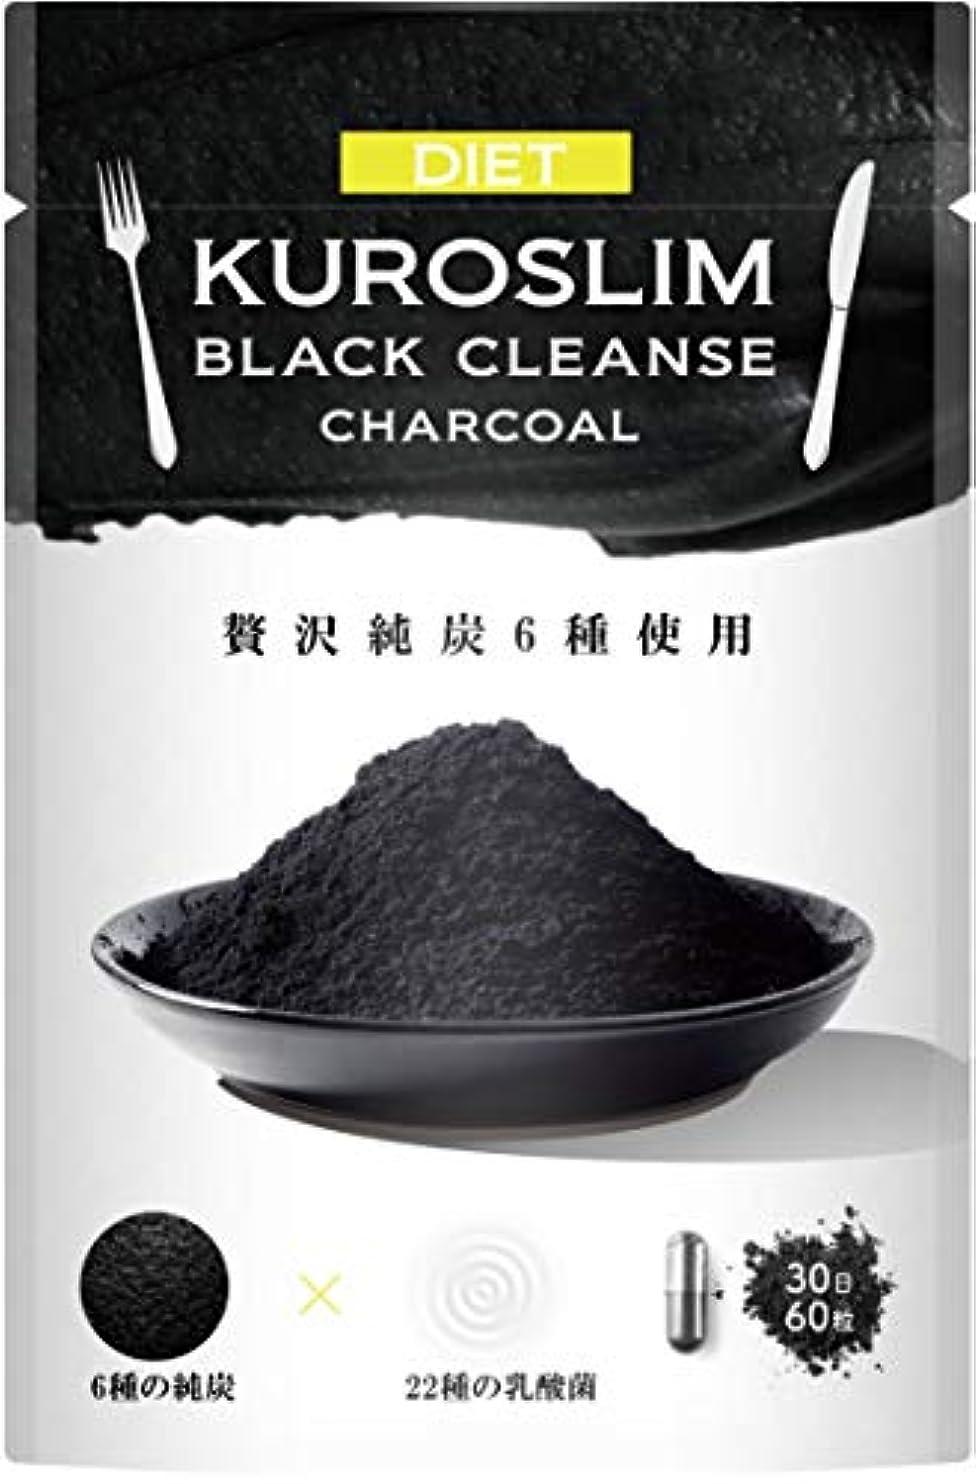 規則性マーティフィールディング横向き炭ダイエット サプリ KUROSLIM チャコール サプリメント 6種の純炭 60粒30日分